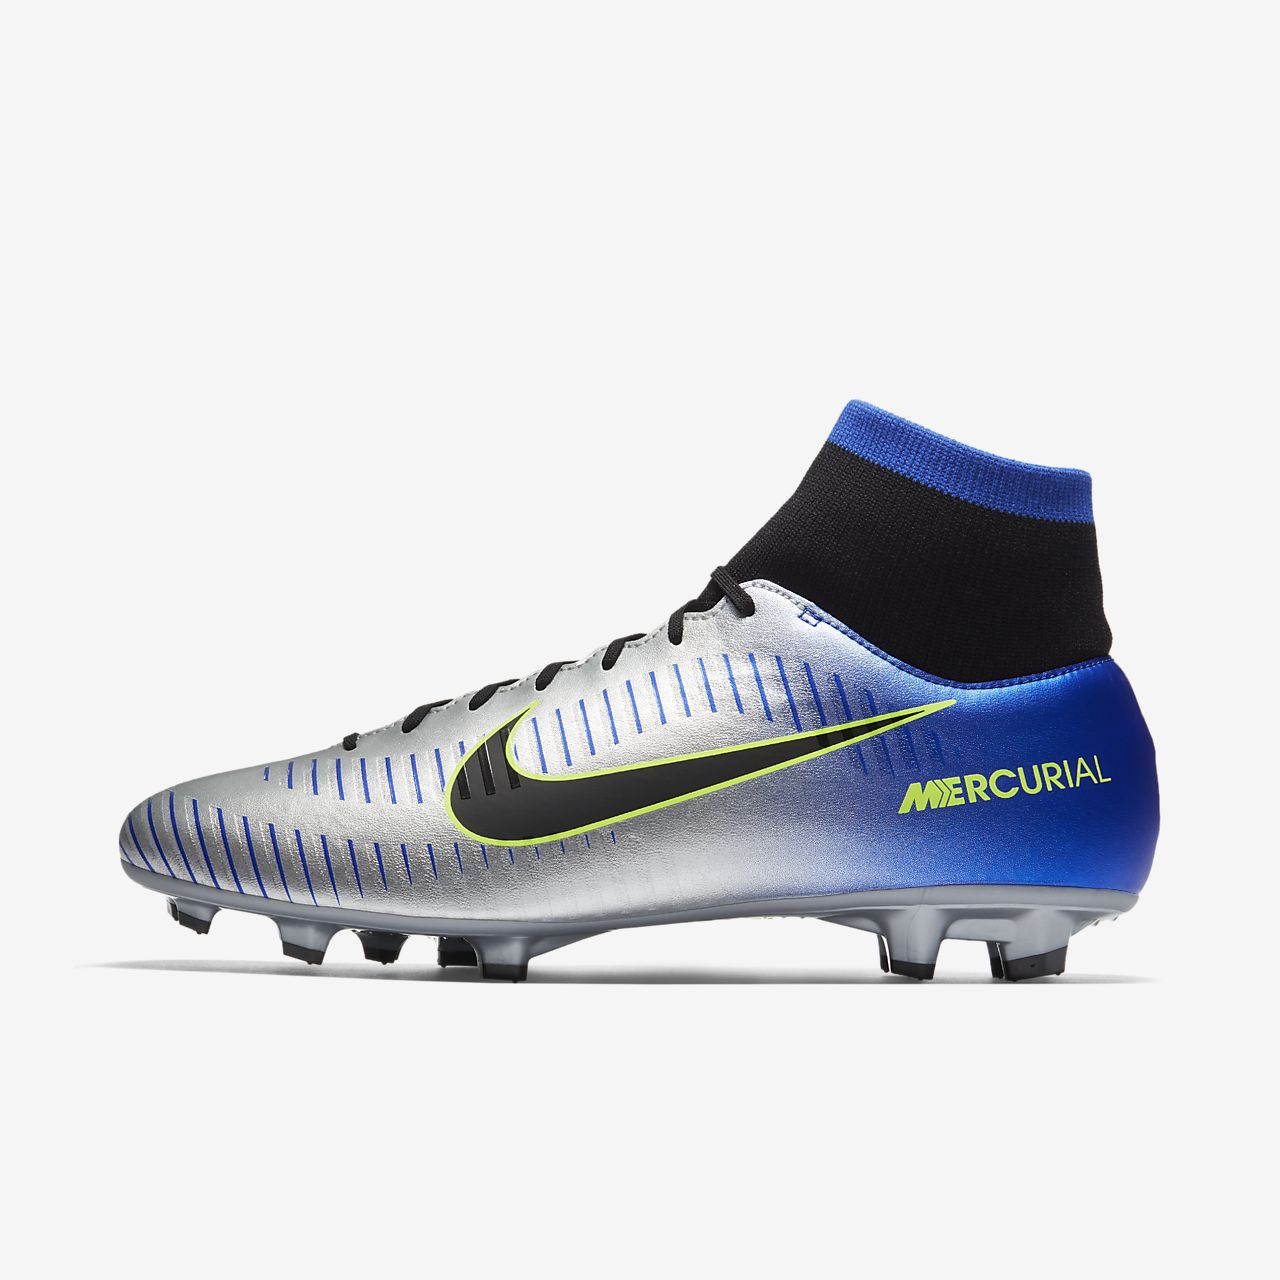 ... Chaussure de football à crampons pour terrain sec Nike Mercurial  Victory VI Dynamic Fit Neymar